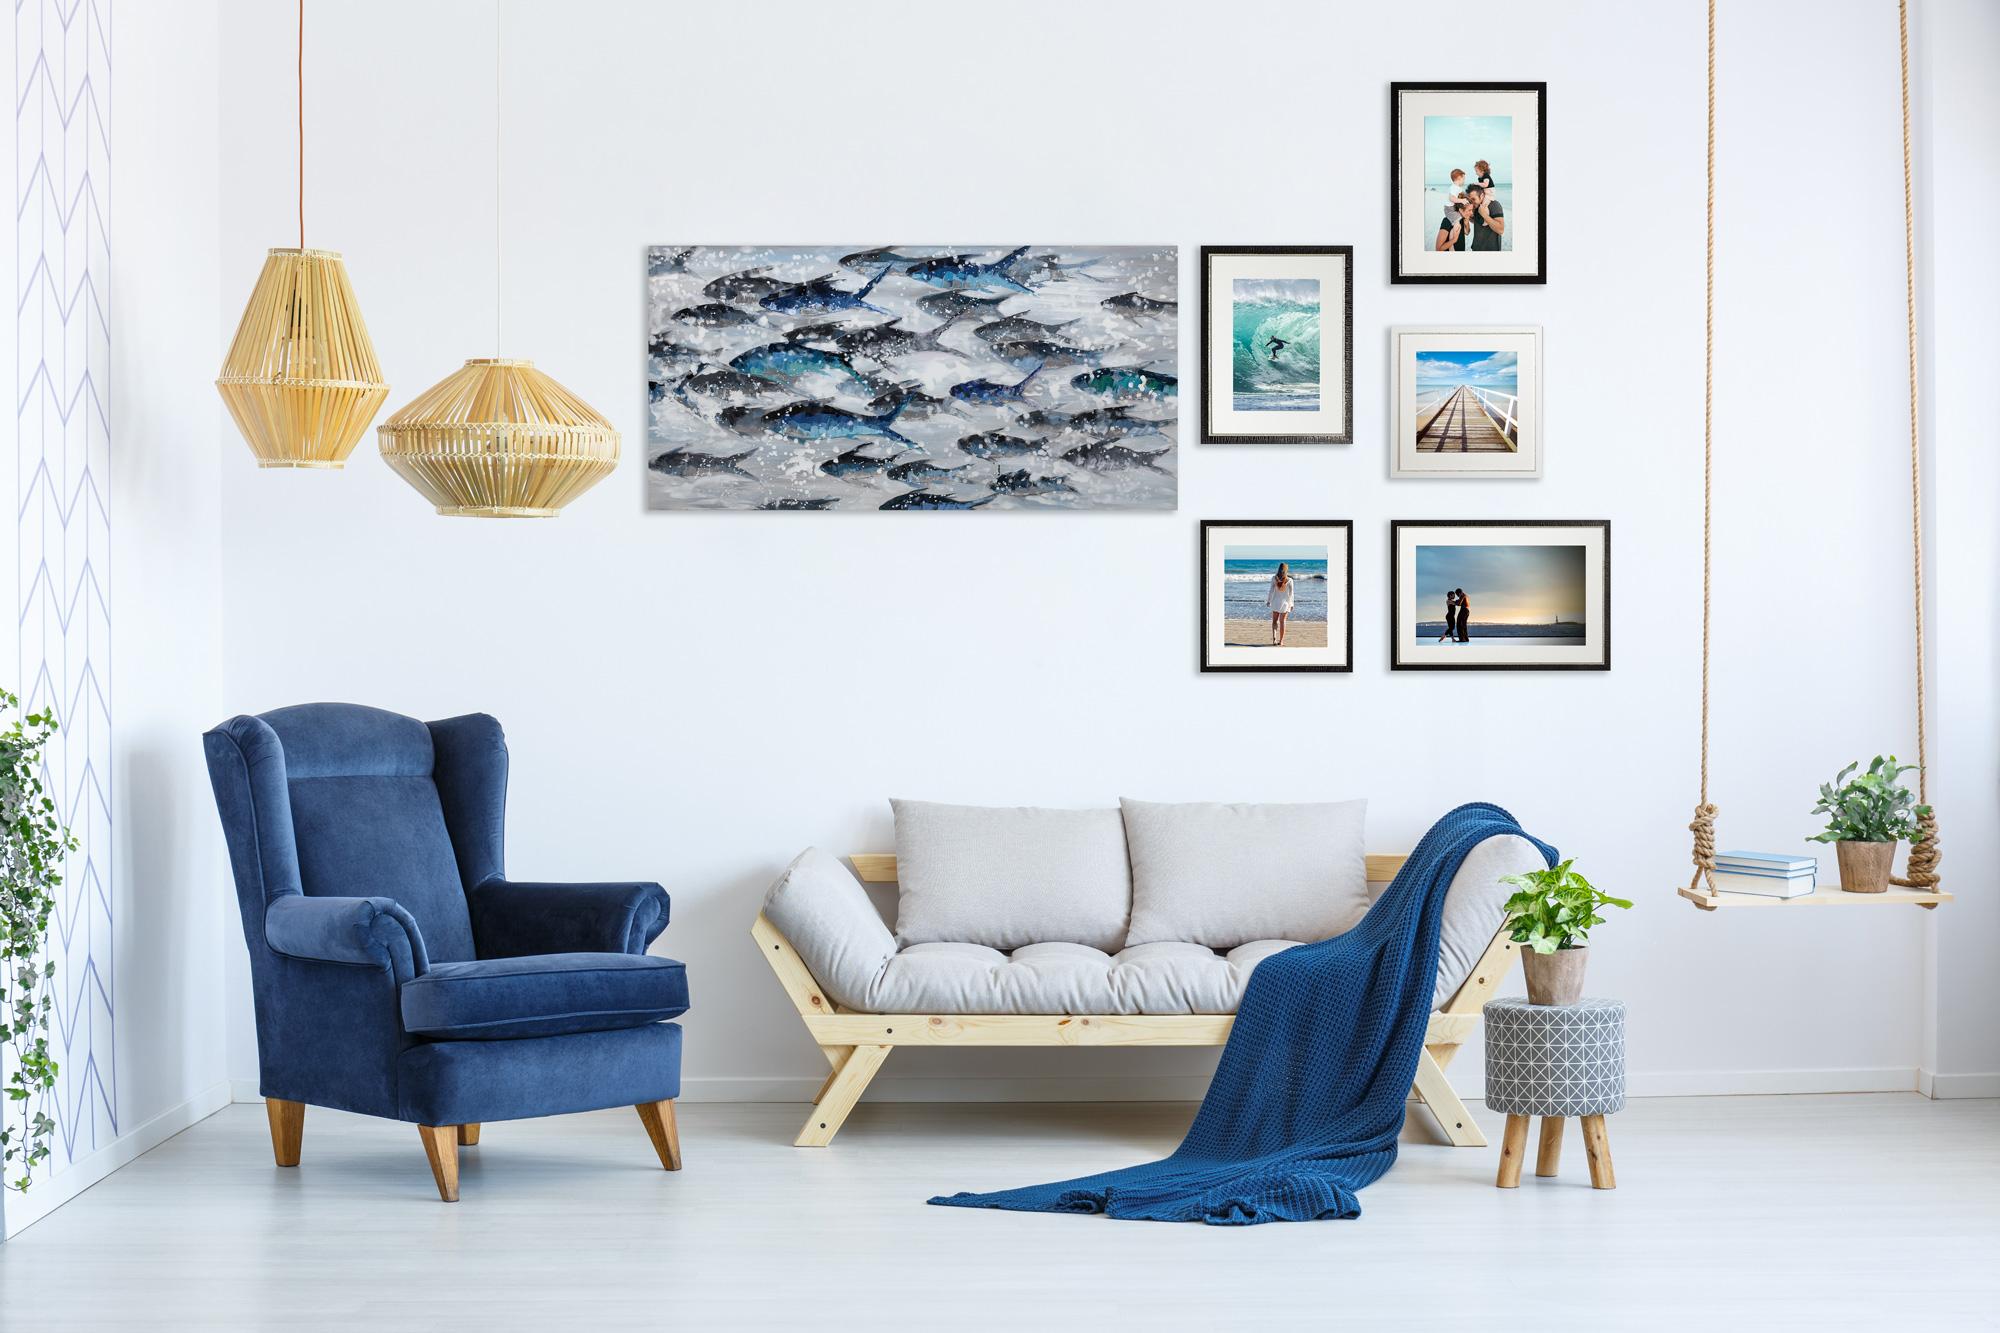 5 idee per decorare le pareti della tua casa arredobene for Idee per le pareti di casa